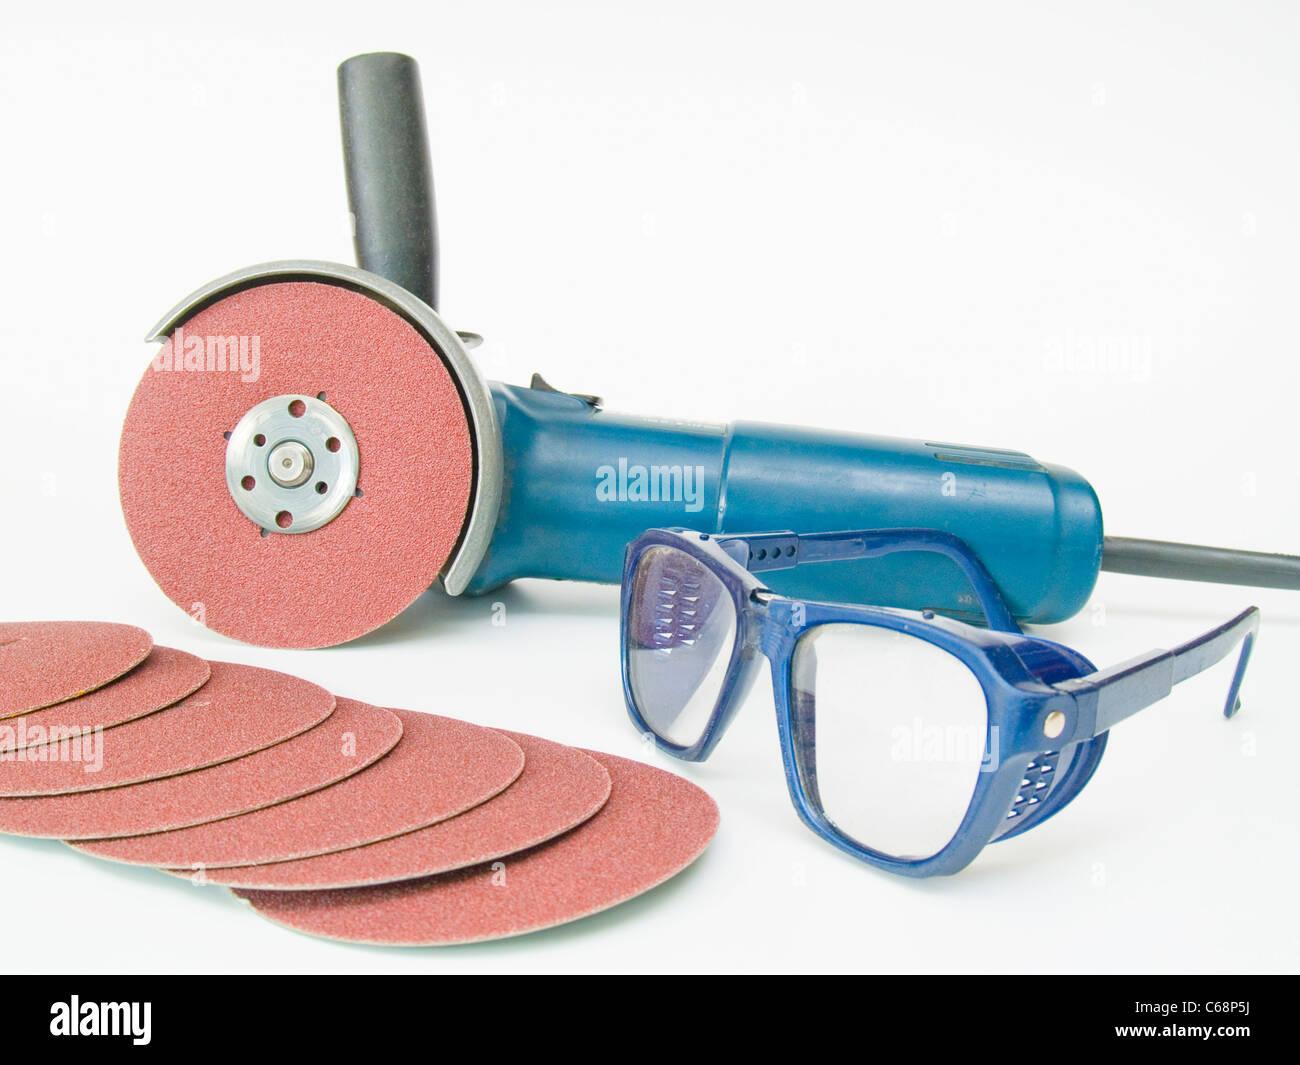 Winkelschleifer mit Schutzbrille und Schleifscheiben | Angle grinder with protection goggles and grinding discs - Stock Image